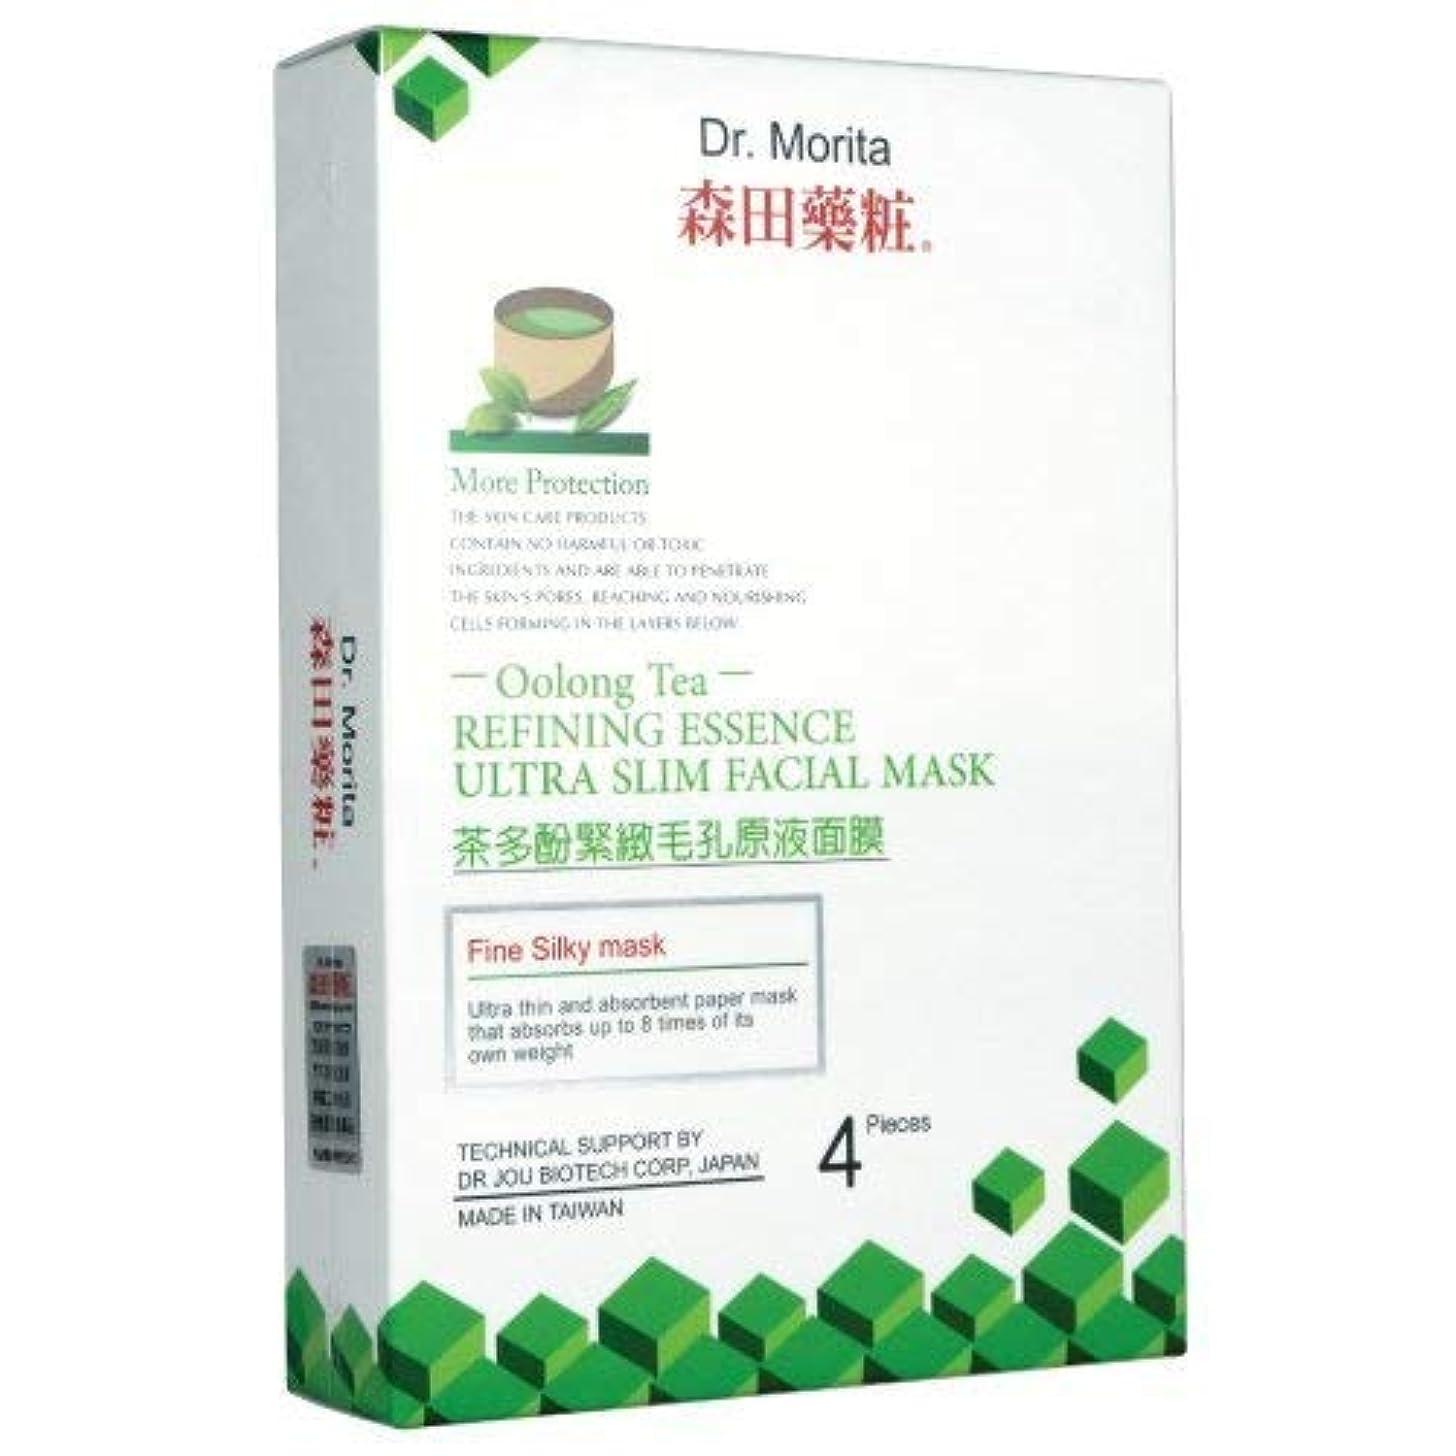 反映する技術放棄するDoctor Morita (ウーロン茶)洗練されたエッセンス超スリムフェイシャルマスクは4肌を修復し、目に見える毛穴を引き締め、肌の質感の向上に役立ちます。